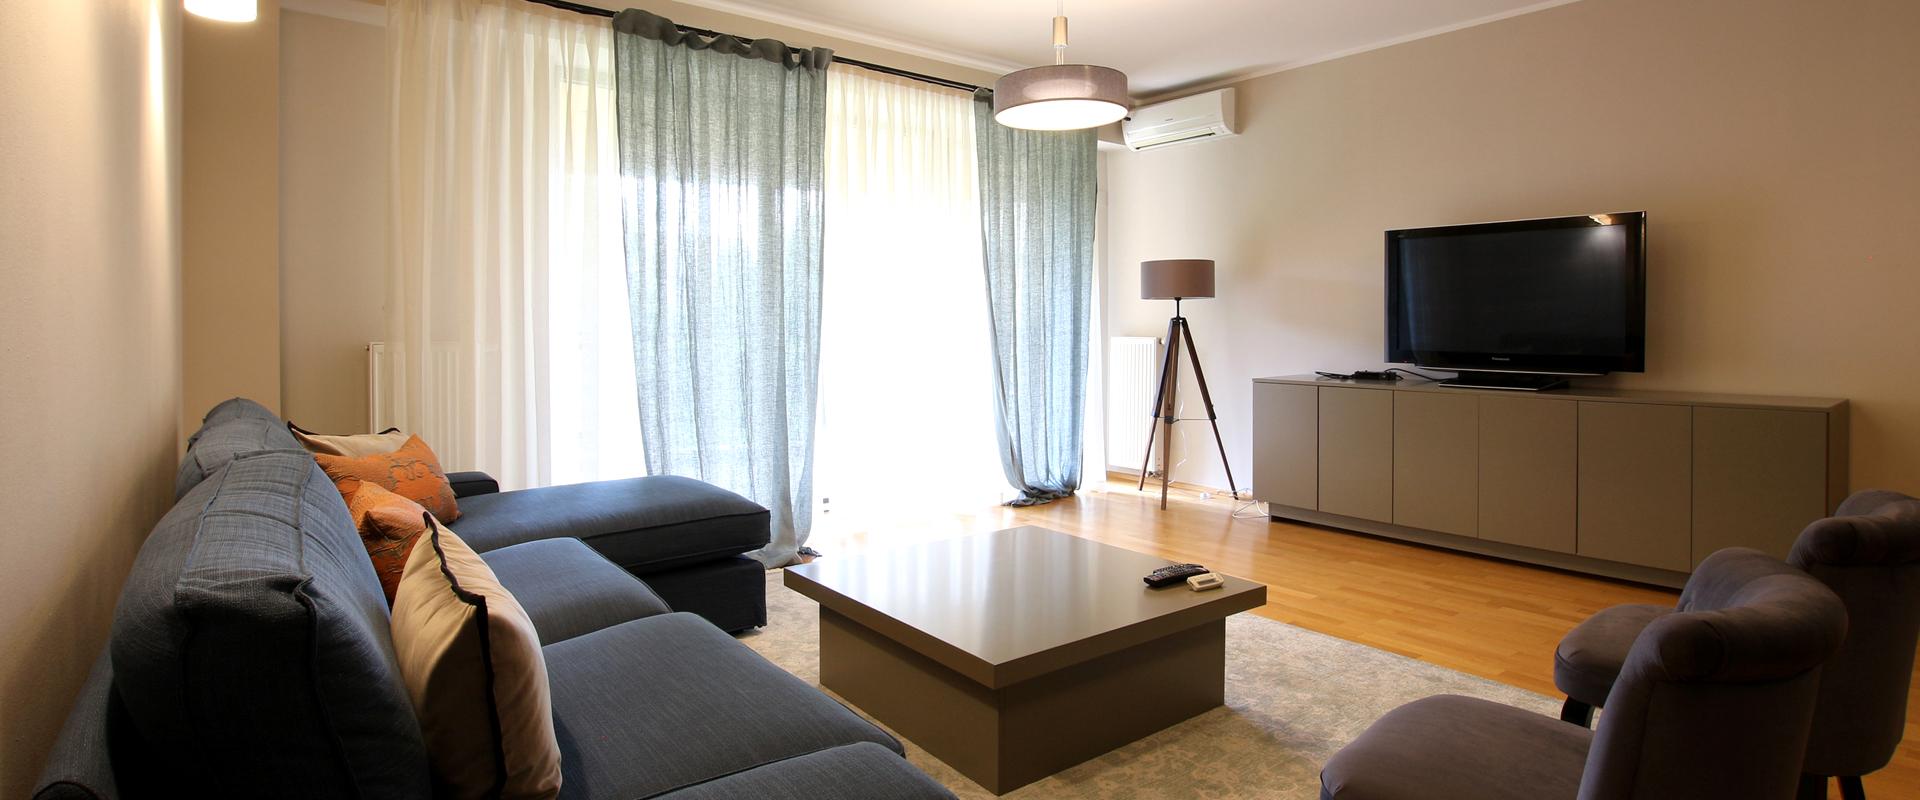 Vanzare apartament 4 camere (2 dormitoare) | Premium, Vedere parc | Central Park [ID: 1057005]